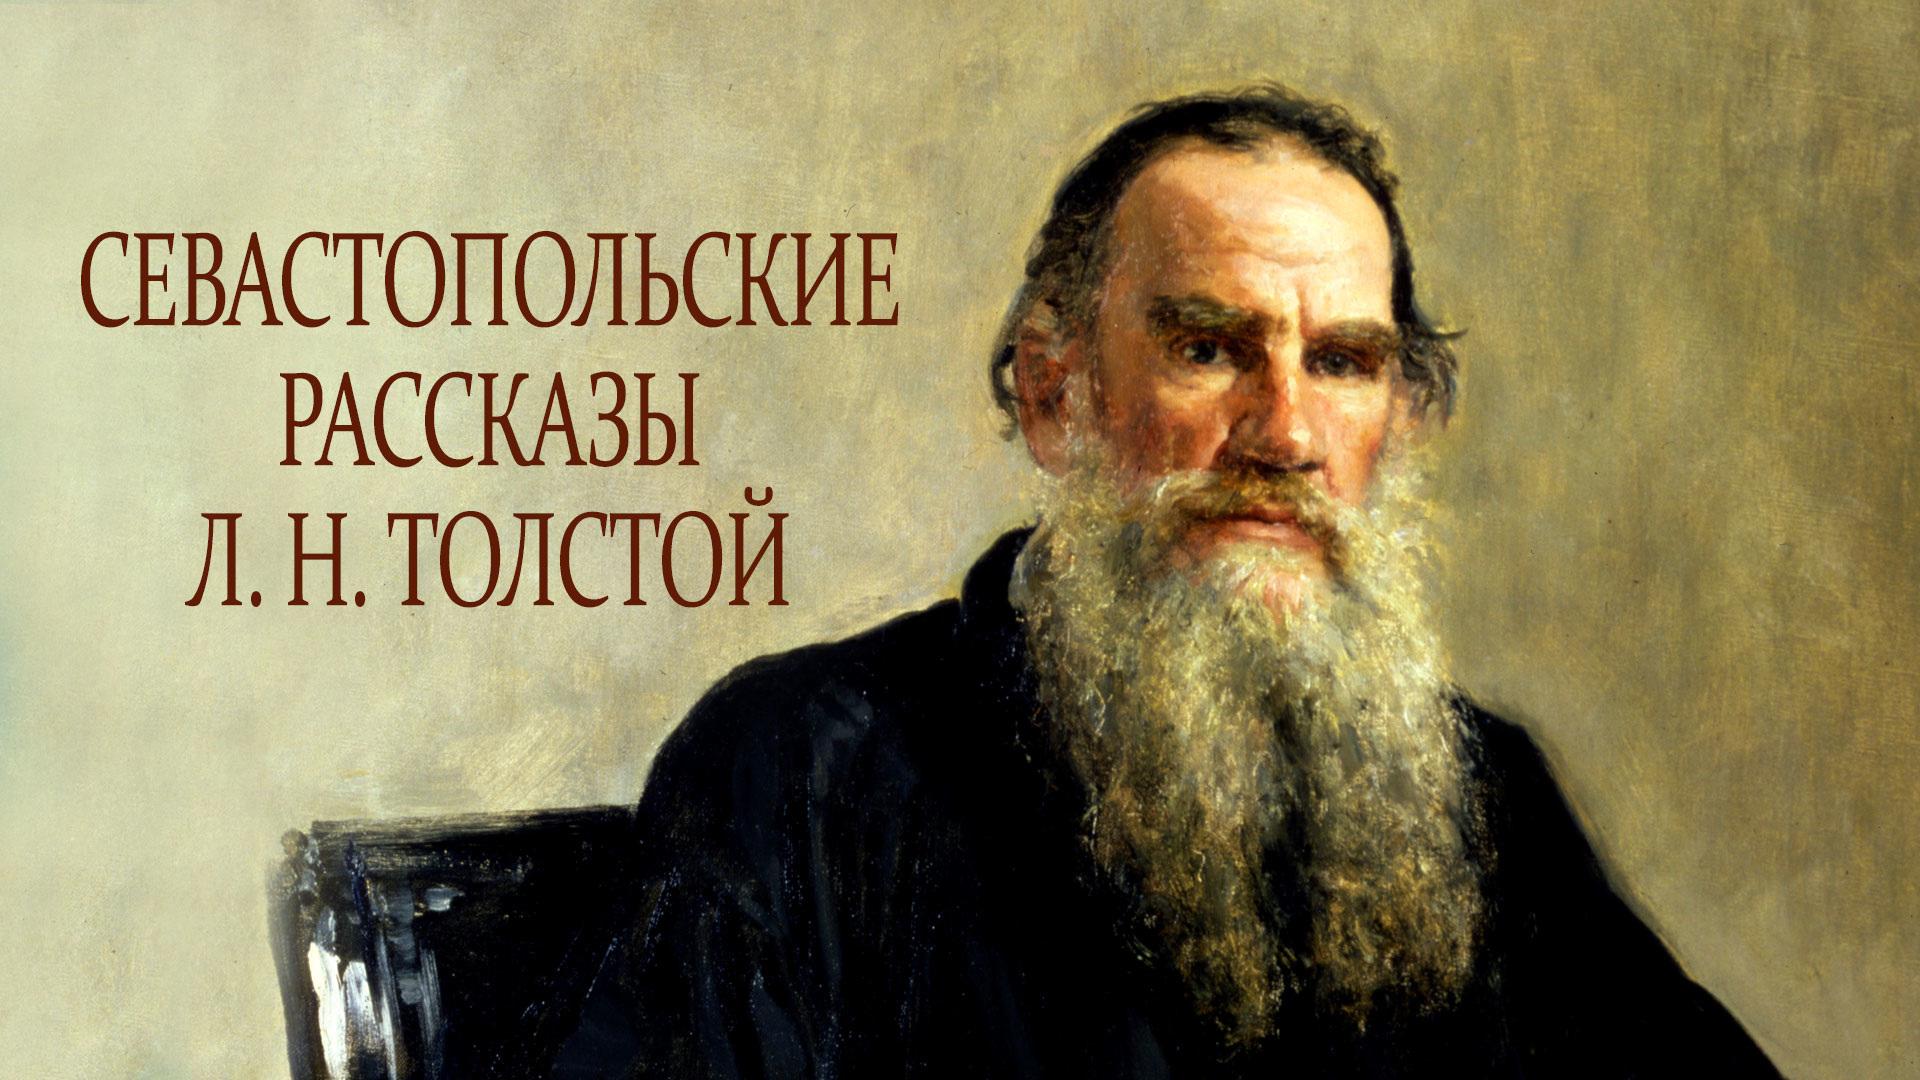 """Л.Н. Толстой """"Севастопольские рассказы"""""""